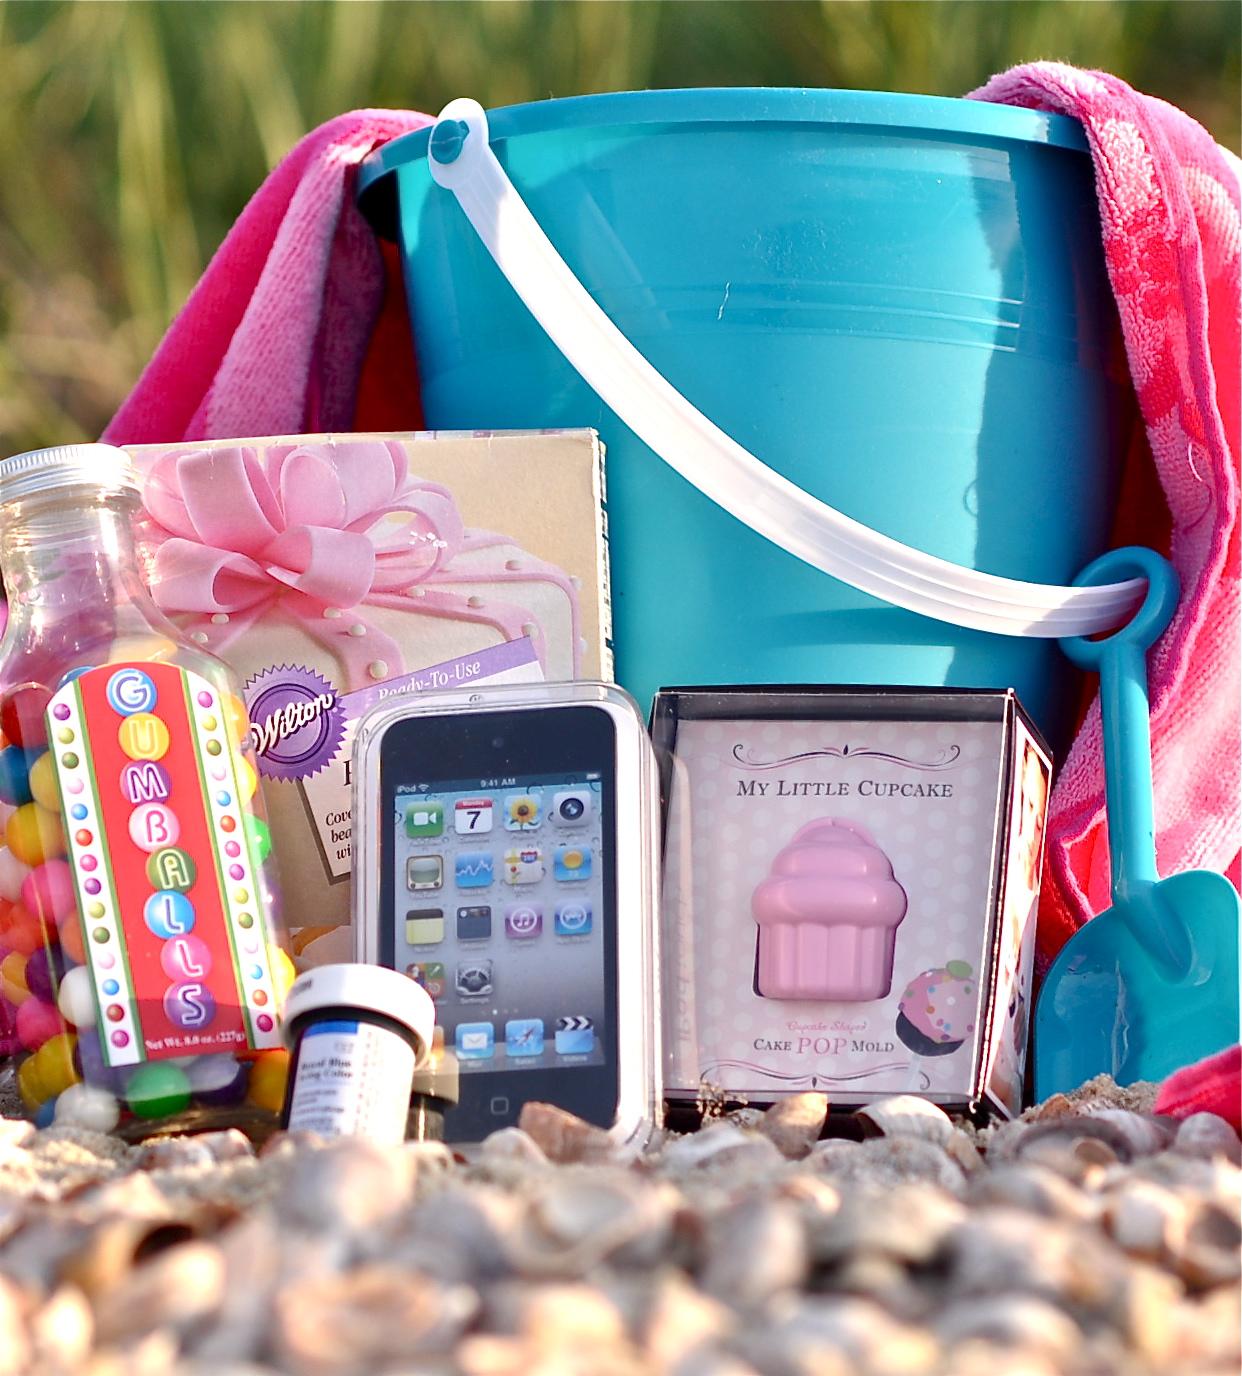 http://2.bp.blogspot.com/-JGnTOjDLrTE/Tgk_tn30q_I/AAAAAAAAAHU/gPNDjgtjdoU/s1600/my-little-cupcake-mold-beach-giveaway-.JPG